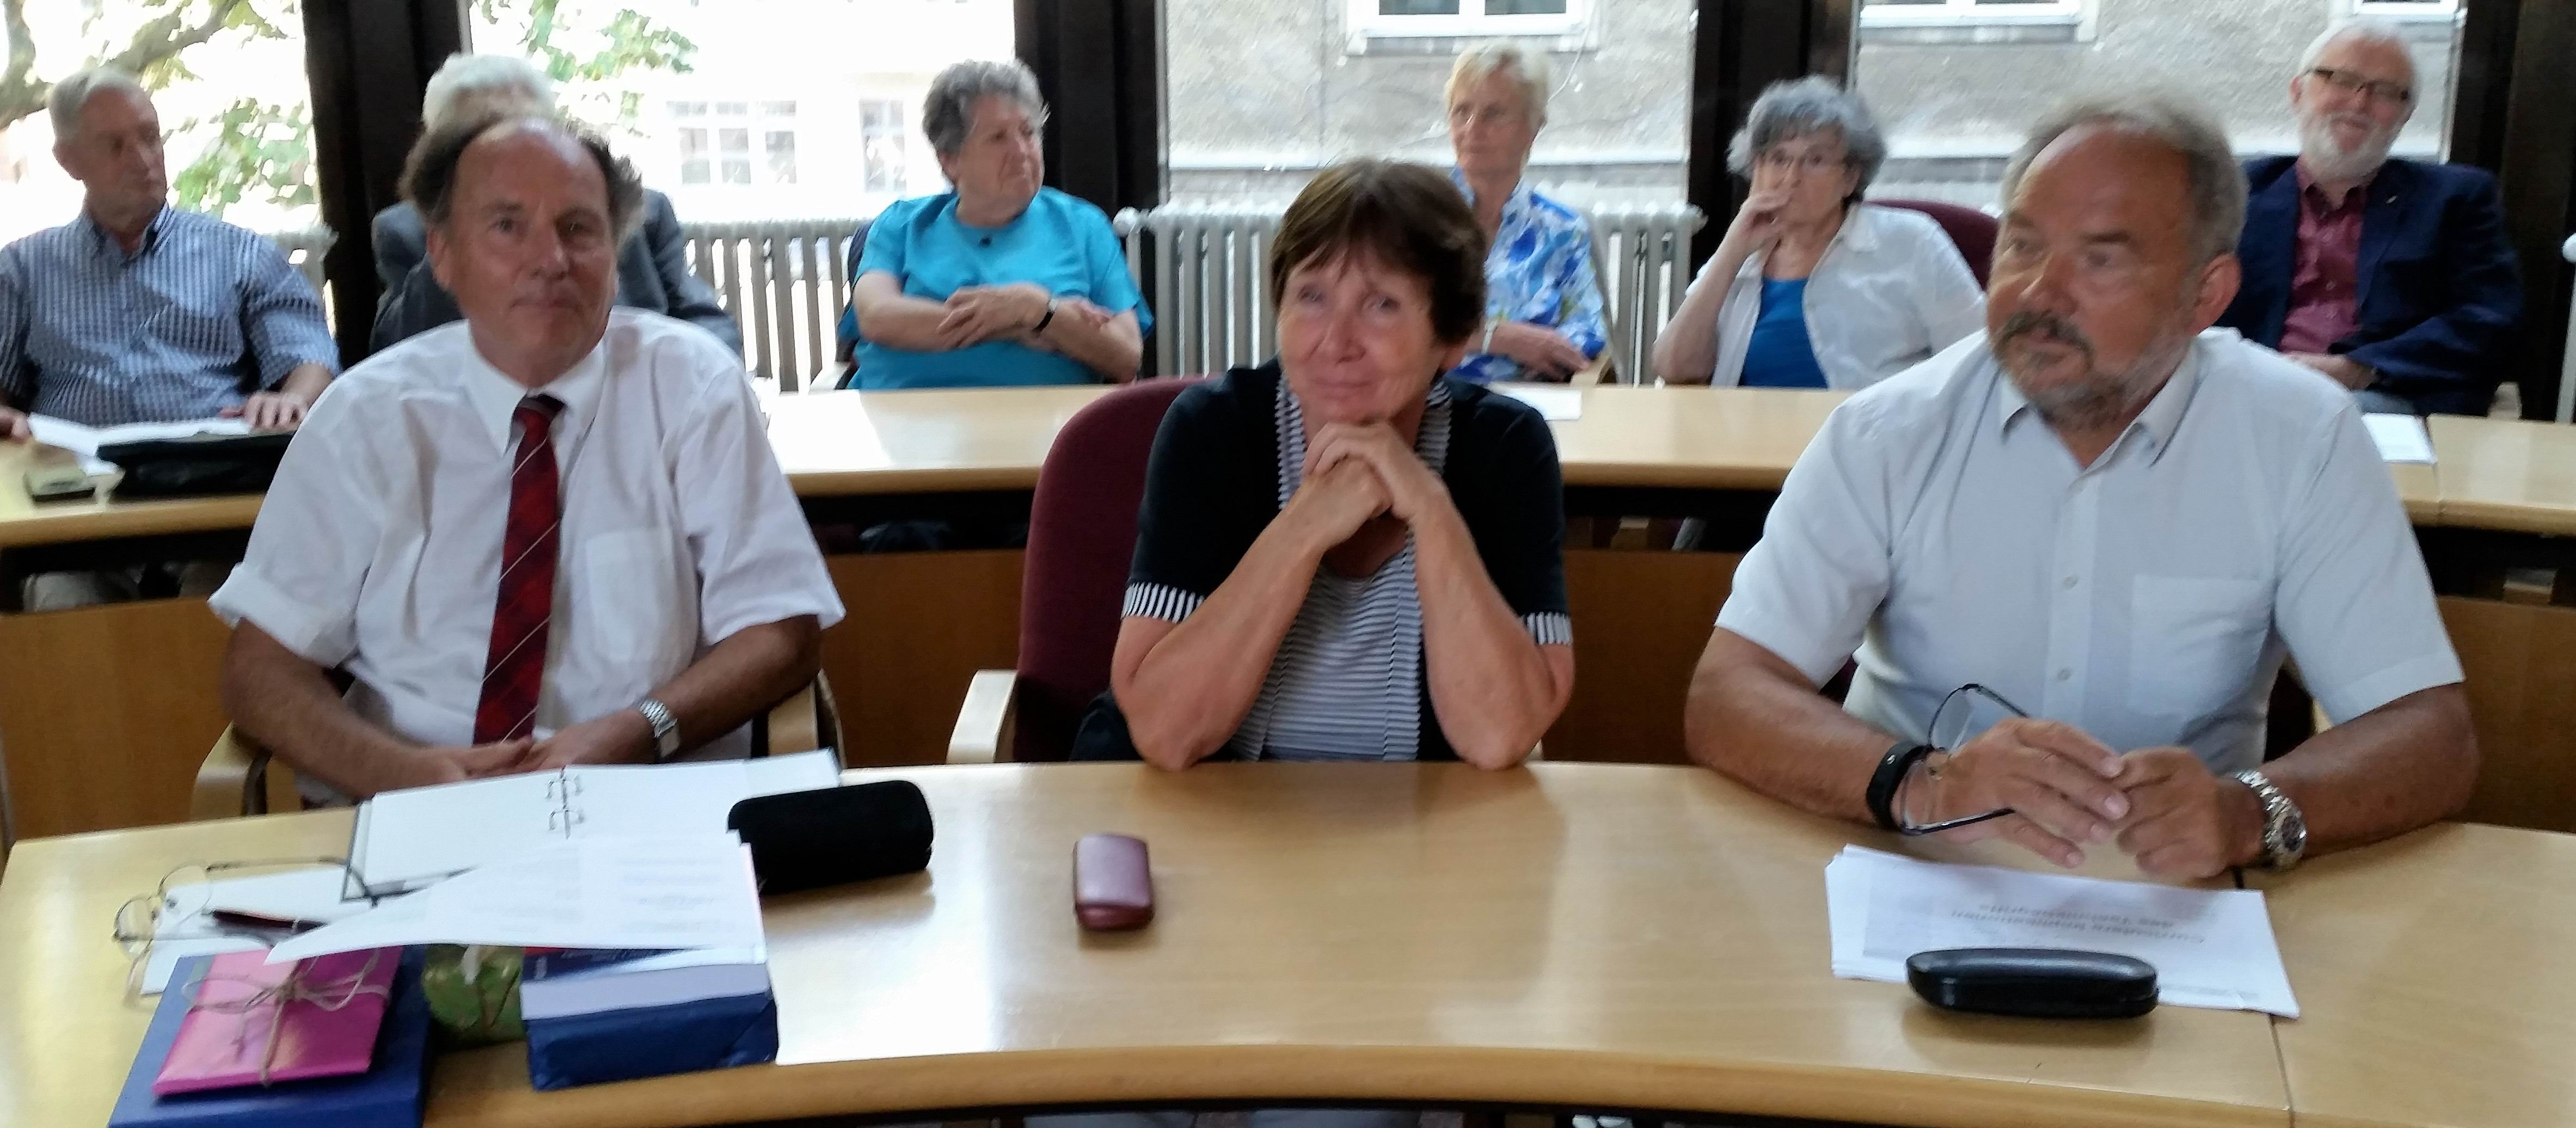 Der Jubilar, Frau Banse, Vizeporäsident B. Meier (v.l.), alle Fotos: P. Knoll